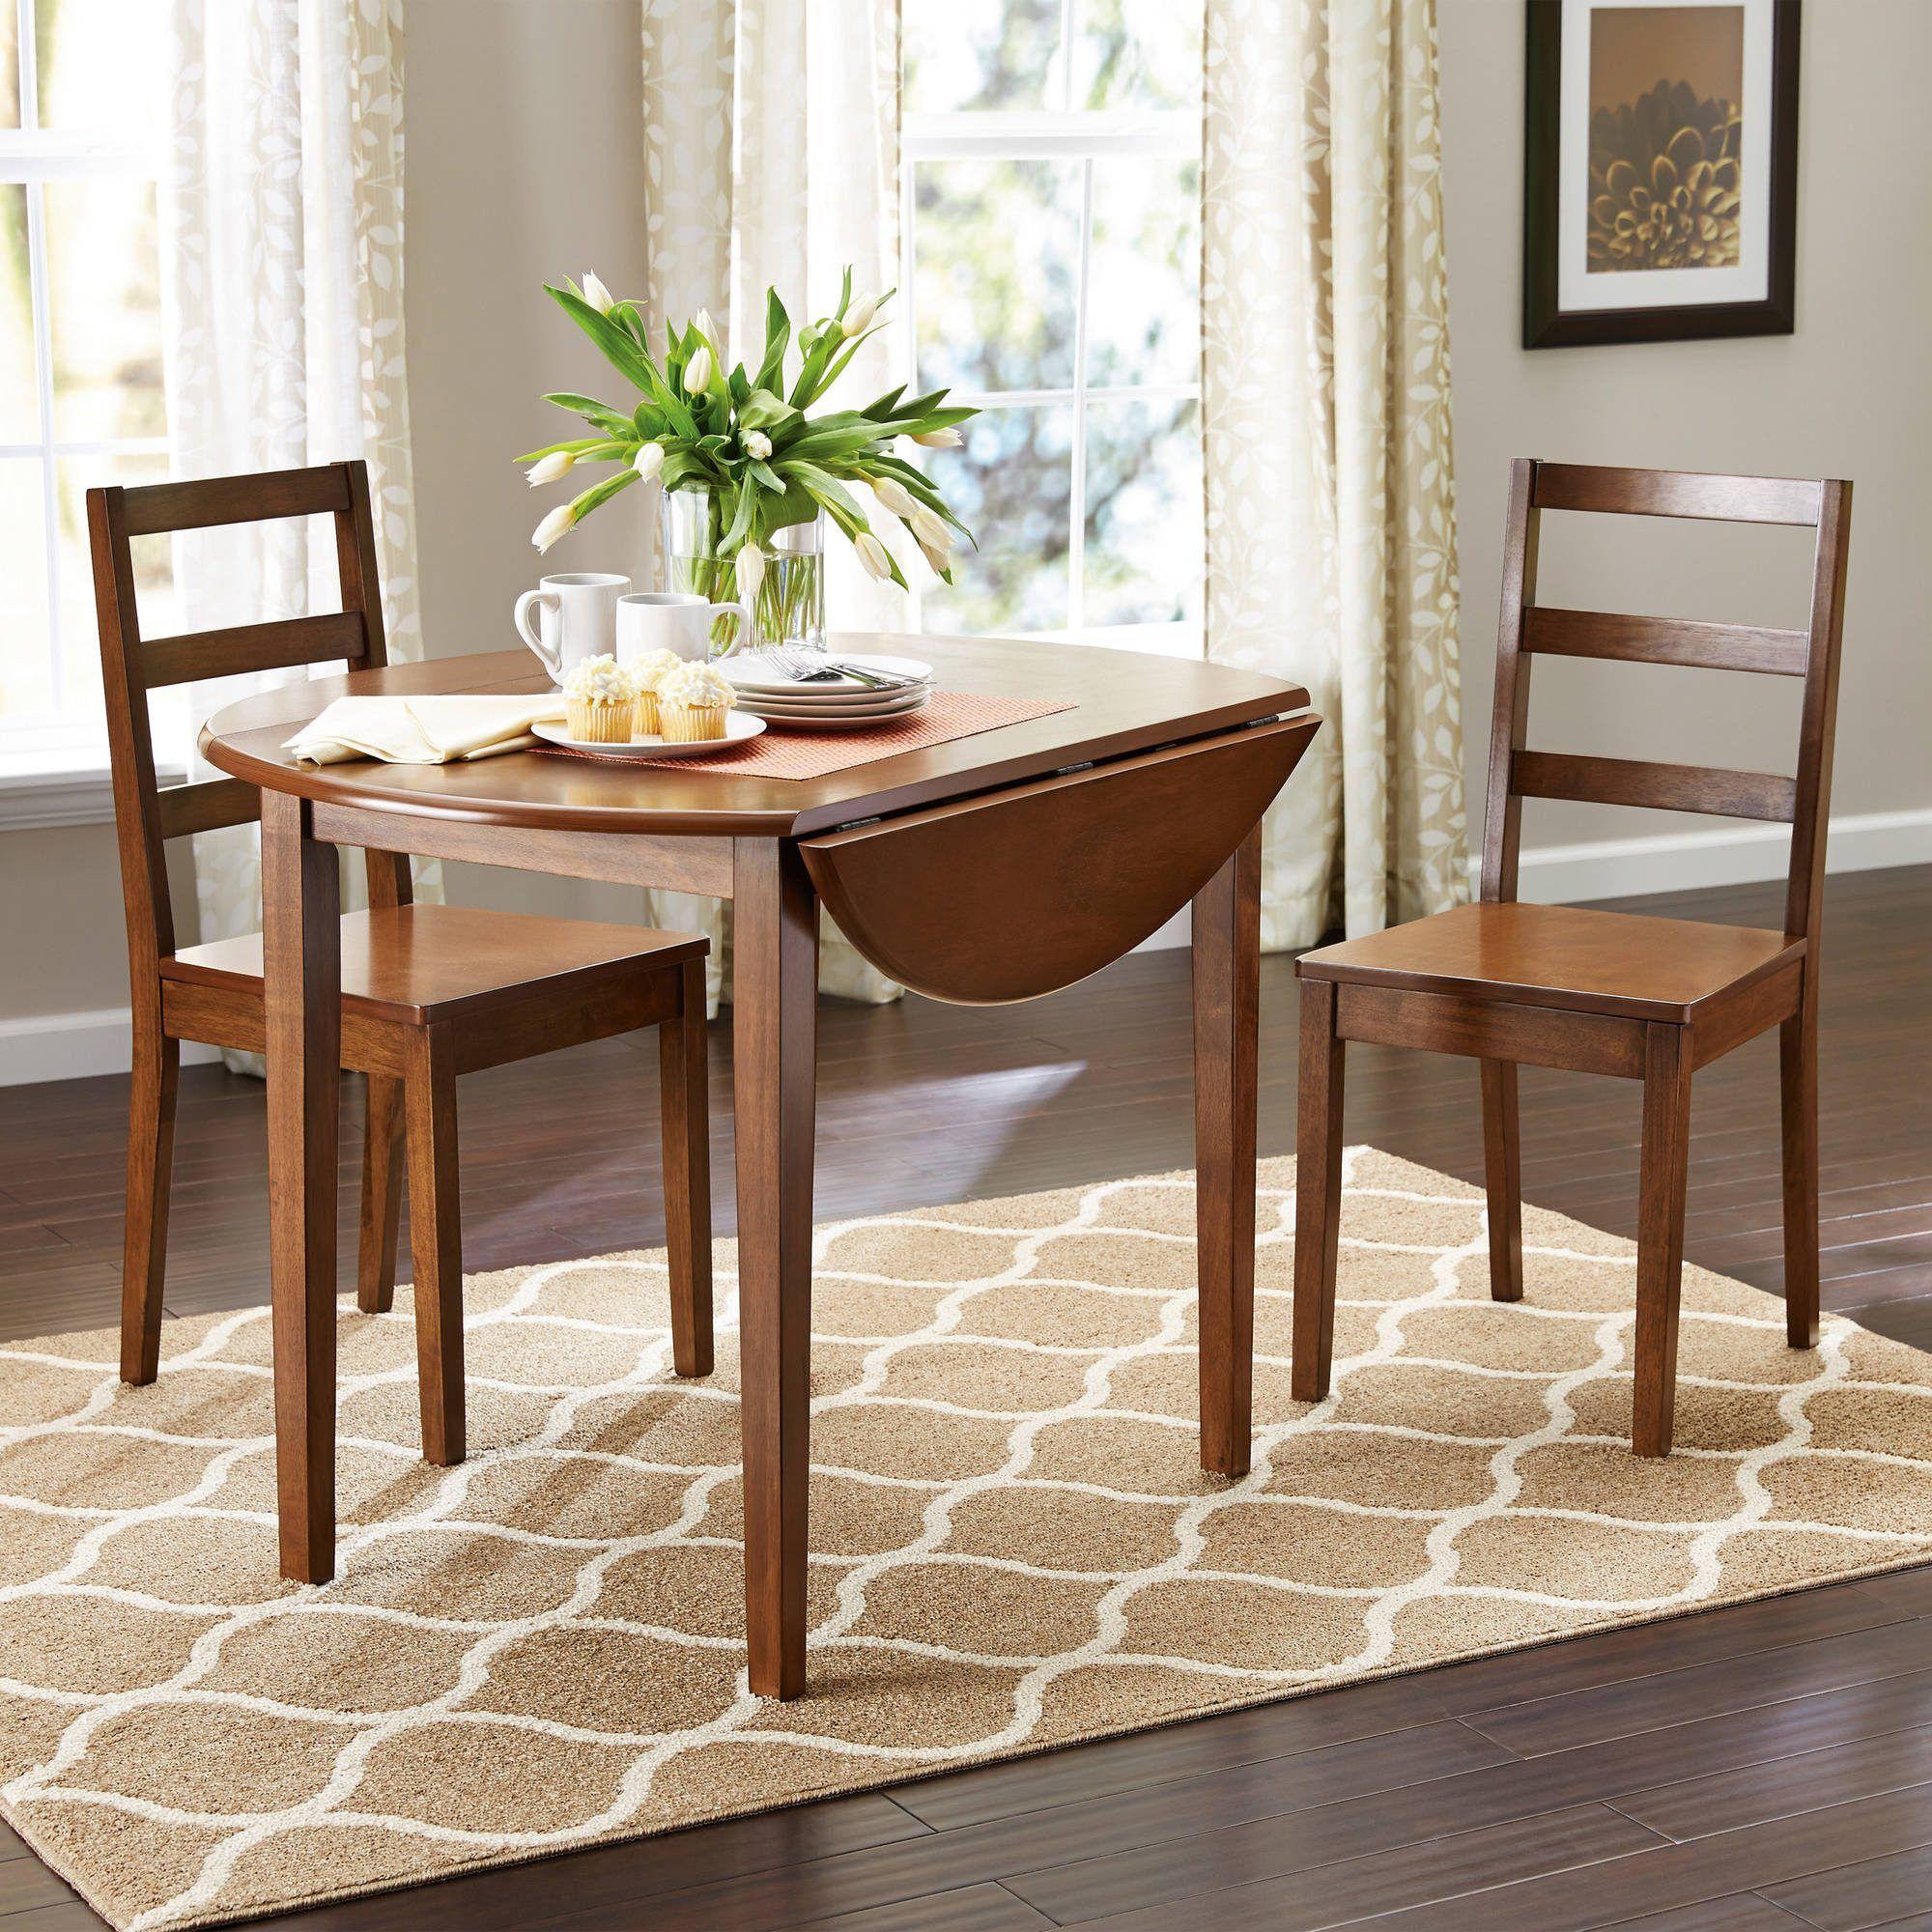 Runder Tisch Mit Ausklappbaren Seiten Formale Esszimmer